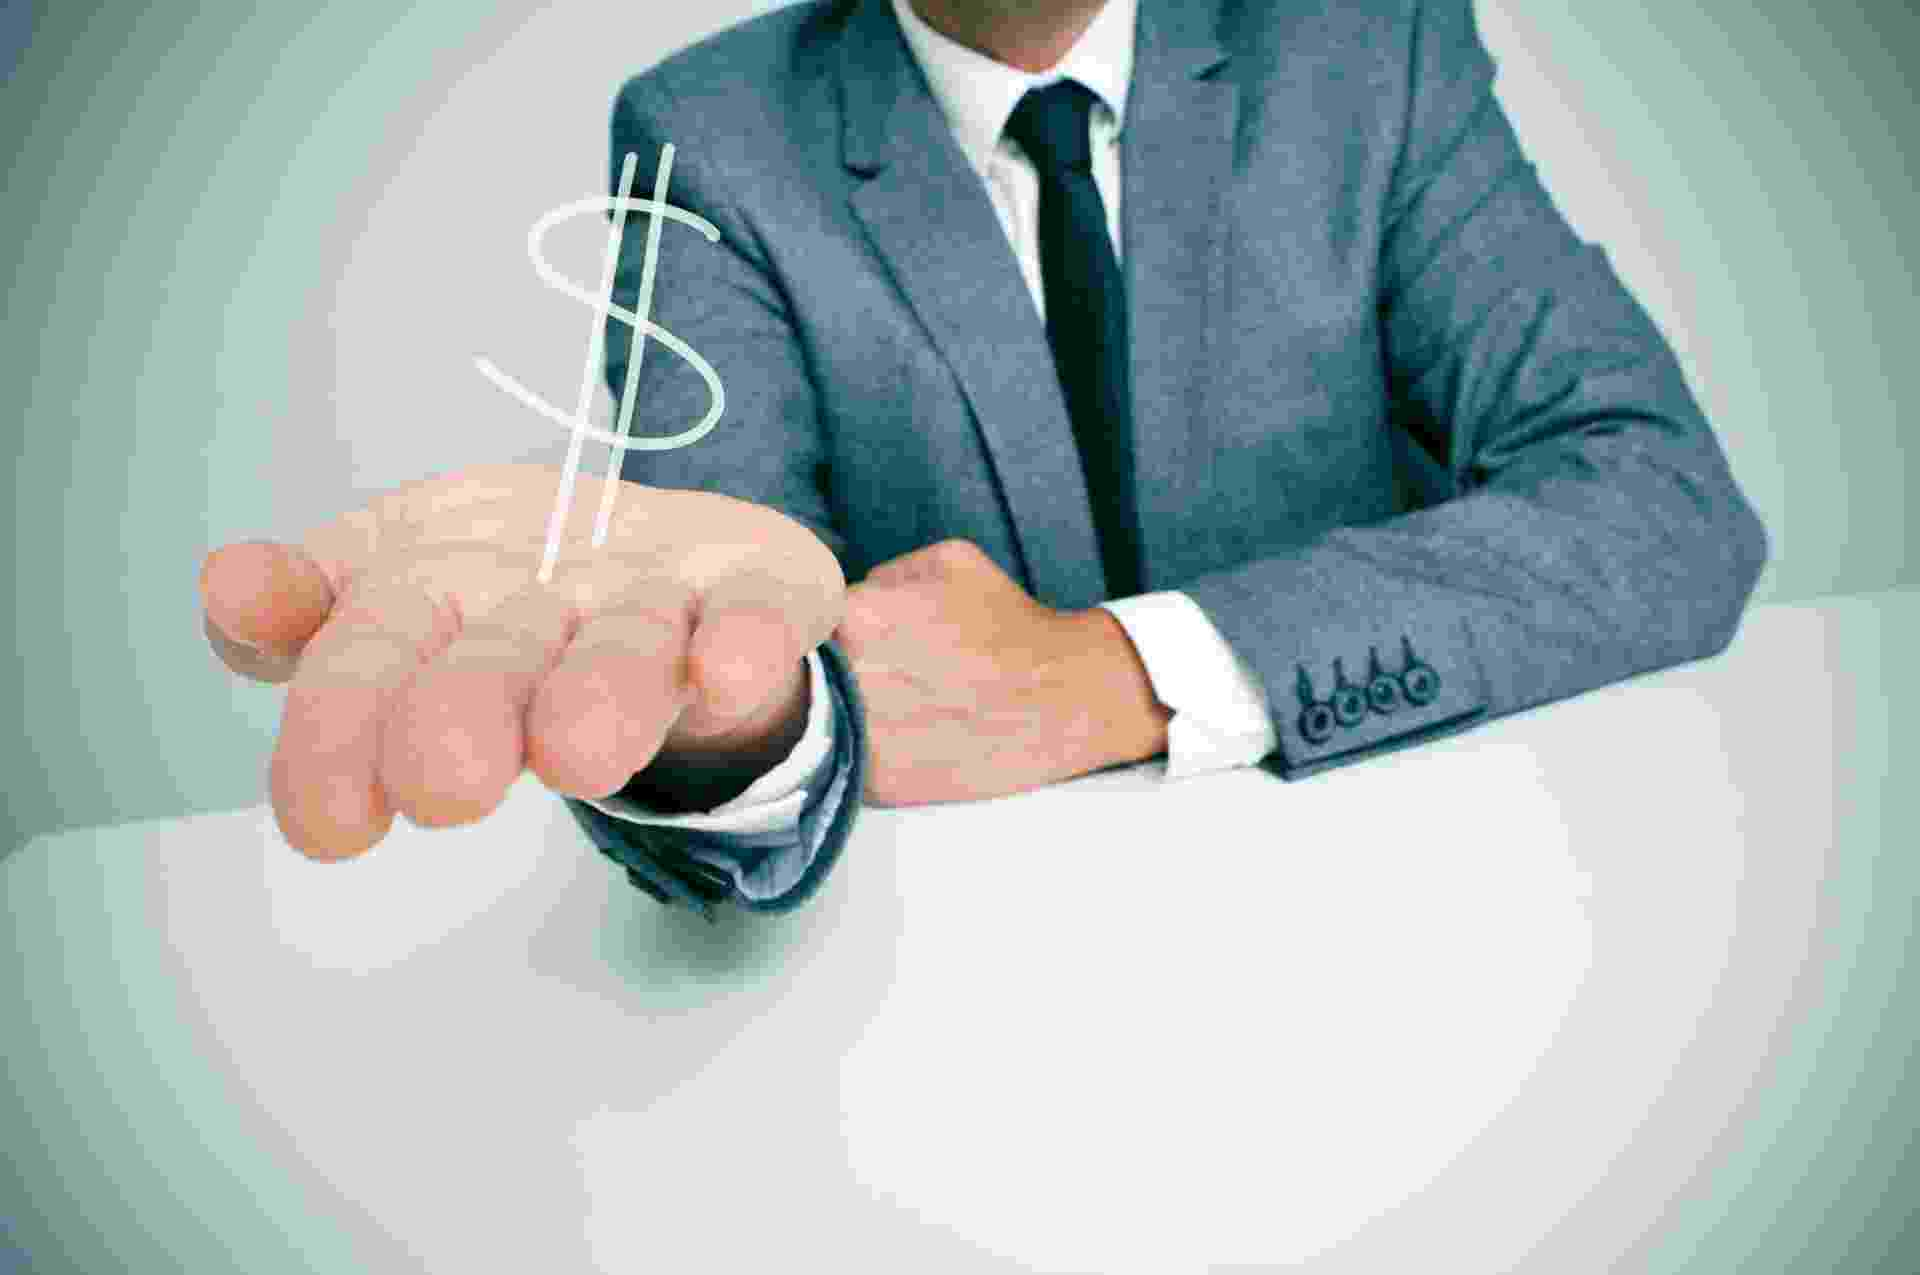 comissão, empreendedorismo, dinheiro, vendedor, consumo, consumidor, executivo, salário - Shutterstock